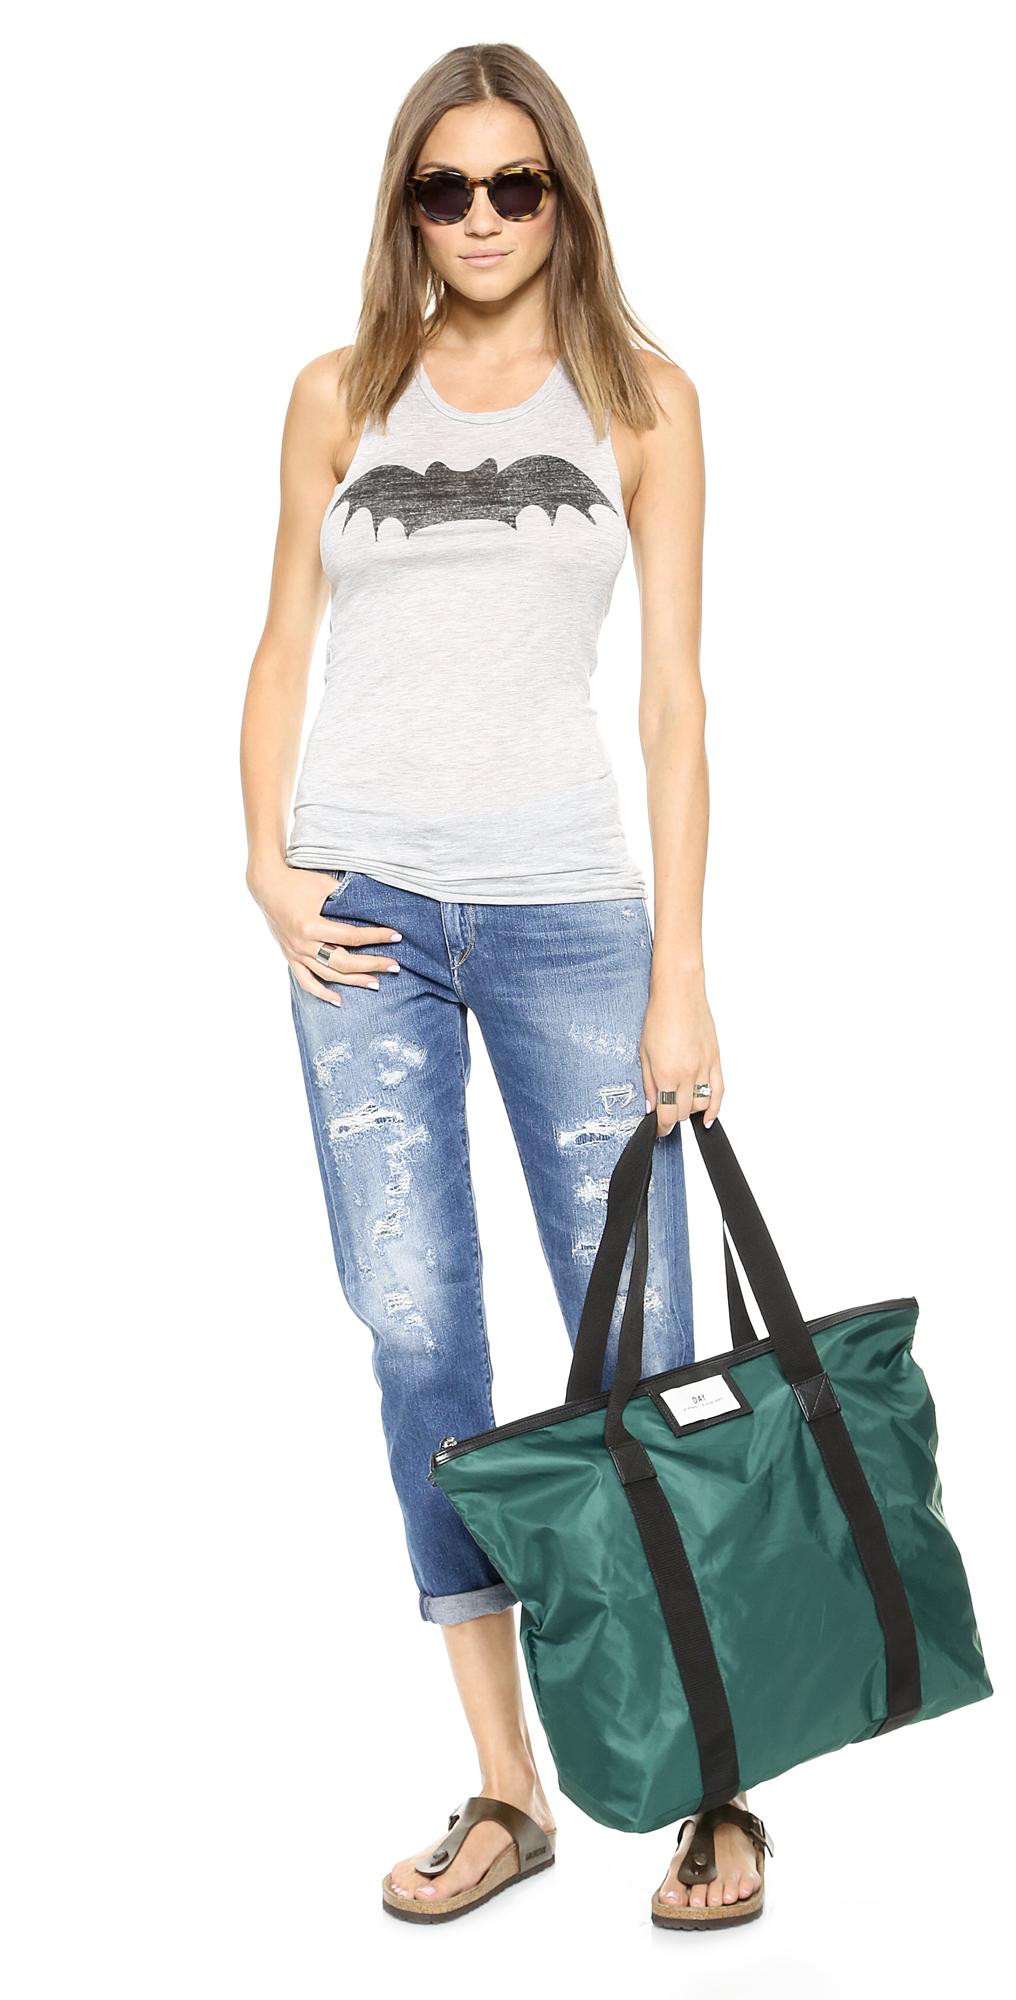 chloe elsie mini shoulder bag - Day Birger et Mikkelsen Day Gweneth Sign Bag | Something to keep ...